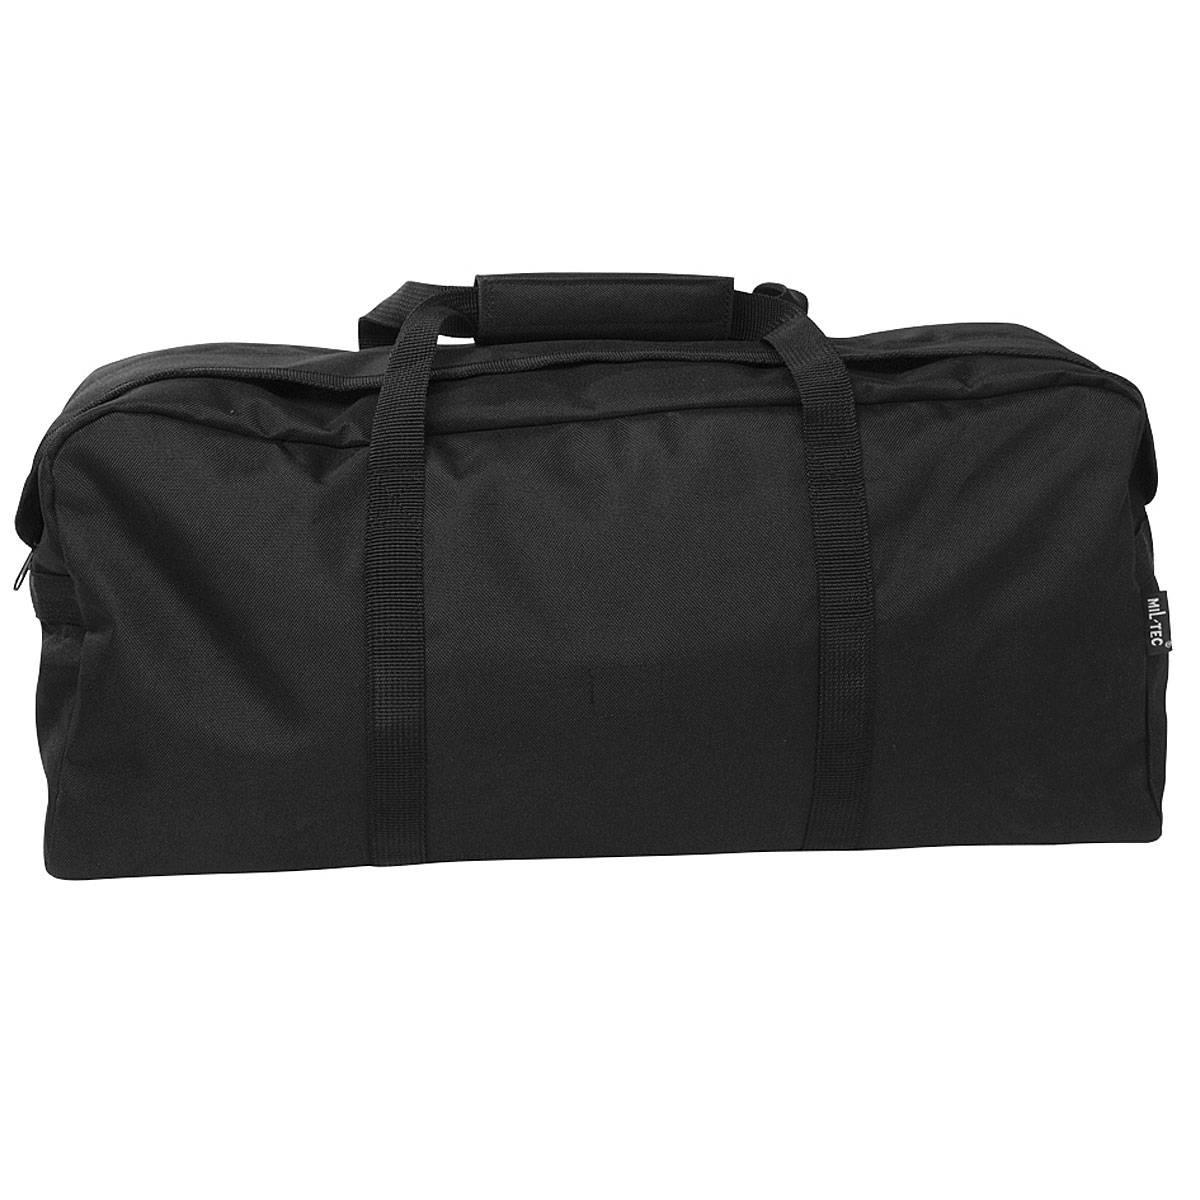 bw einsatztasche gro schwarz der gro e bundeswehr shop army shop 11 90. Black Bedroom Furniture Sets. Home Design Ideas